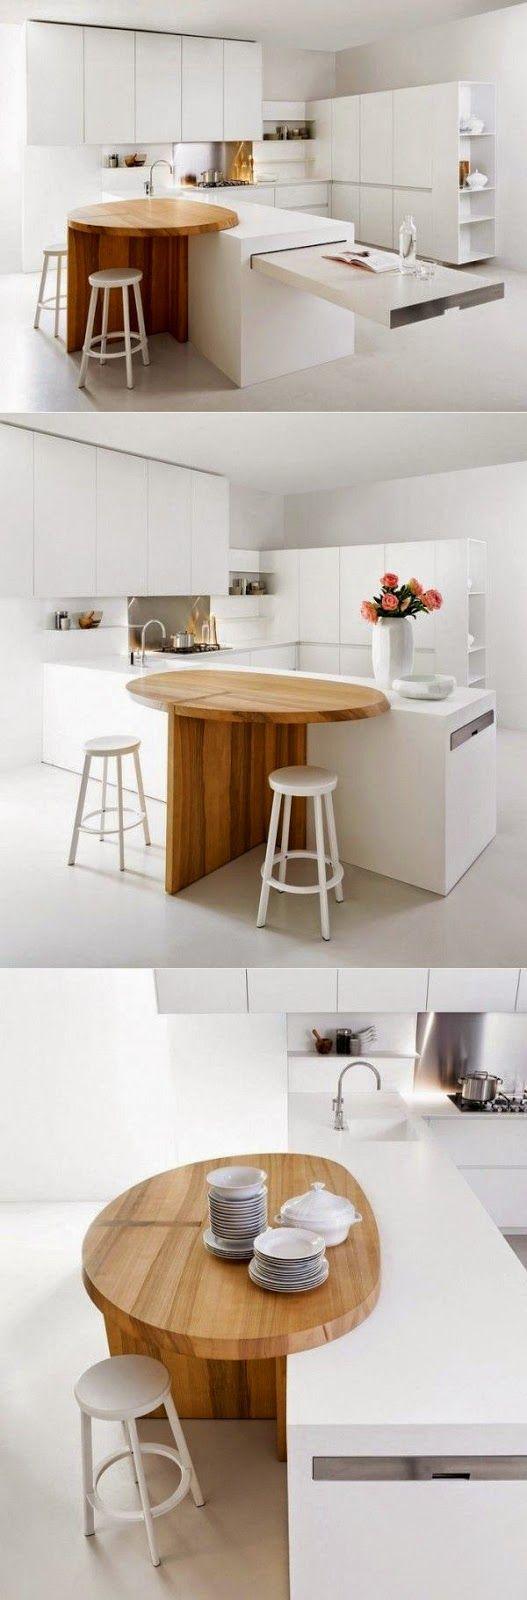 50 kitchen cuisine pinterest arbeitsplatte. Black Bedroom Furniture Sets. Home Design Ideas